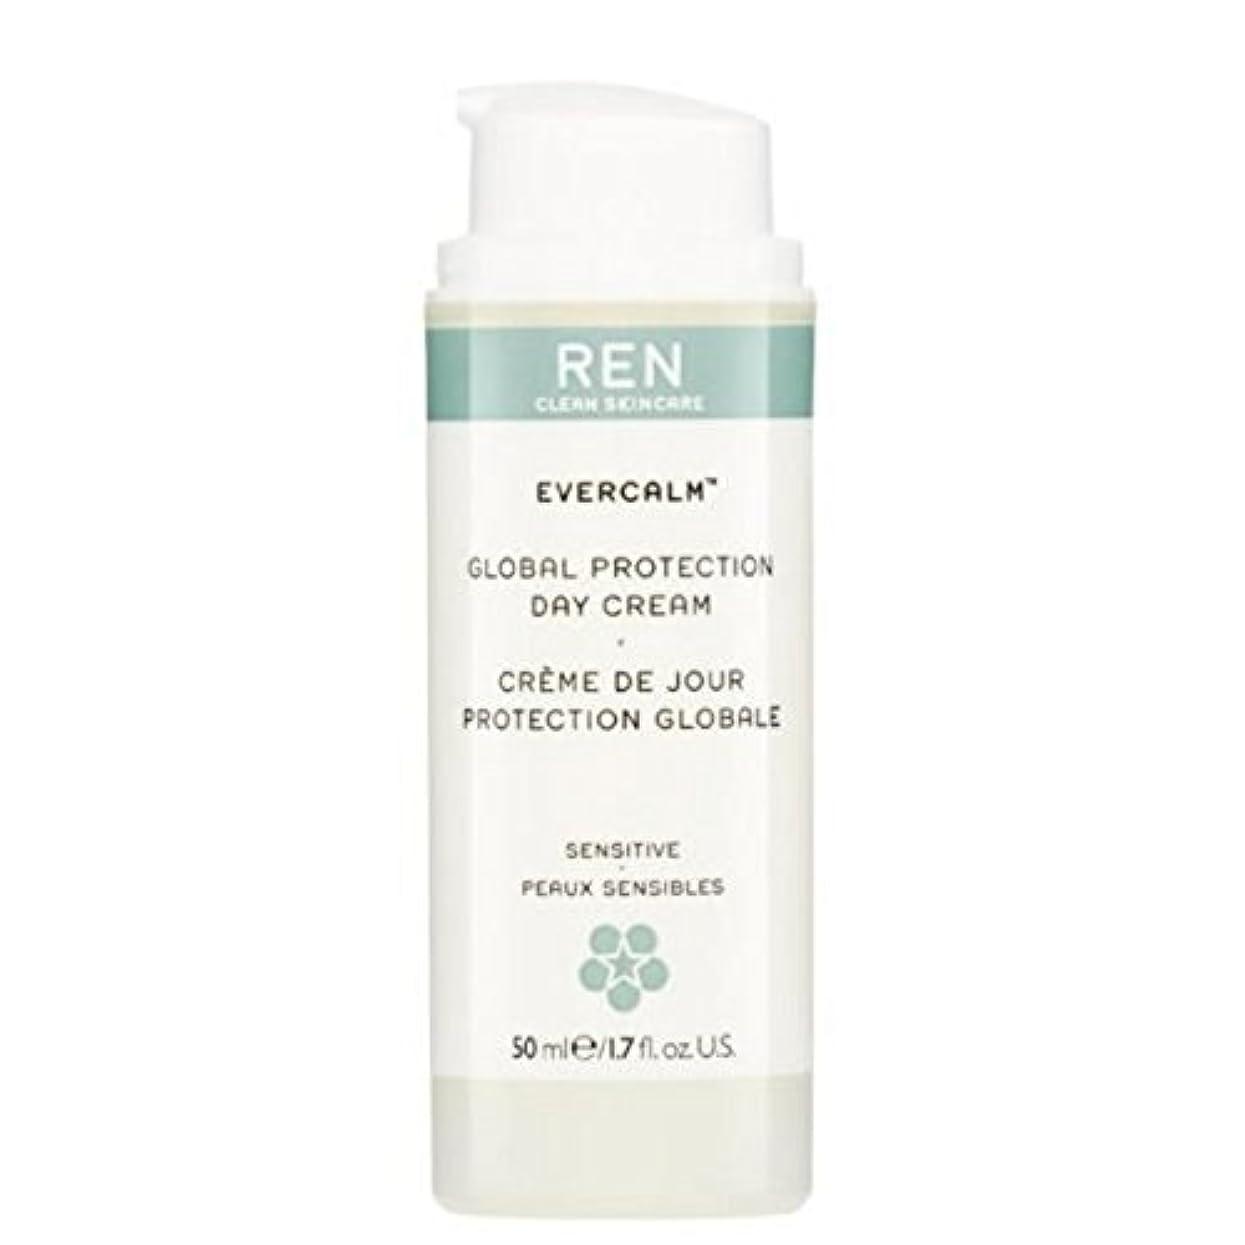 もの遺産あたりグローバルプロテクションデイクリーム x4 - REN Evercalm Global Protection Day Cream (Pack of 4) [並行輸入品]